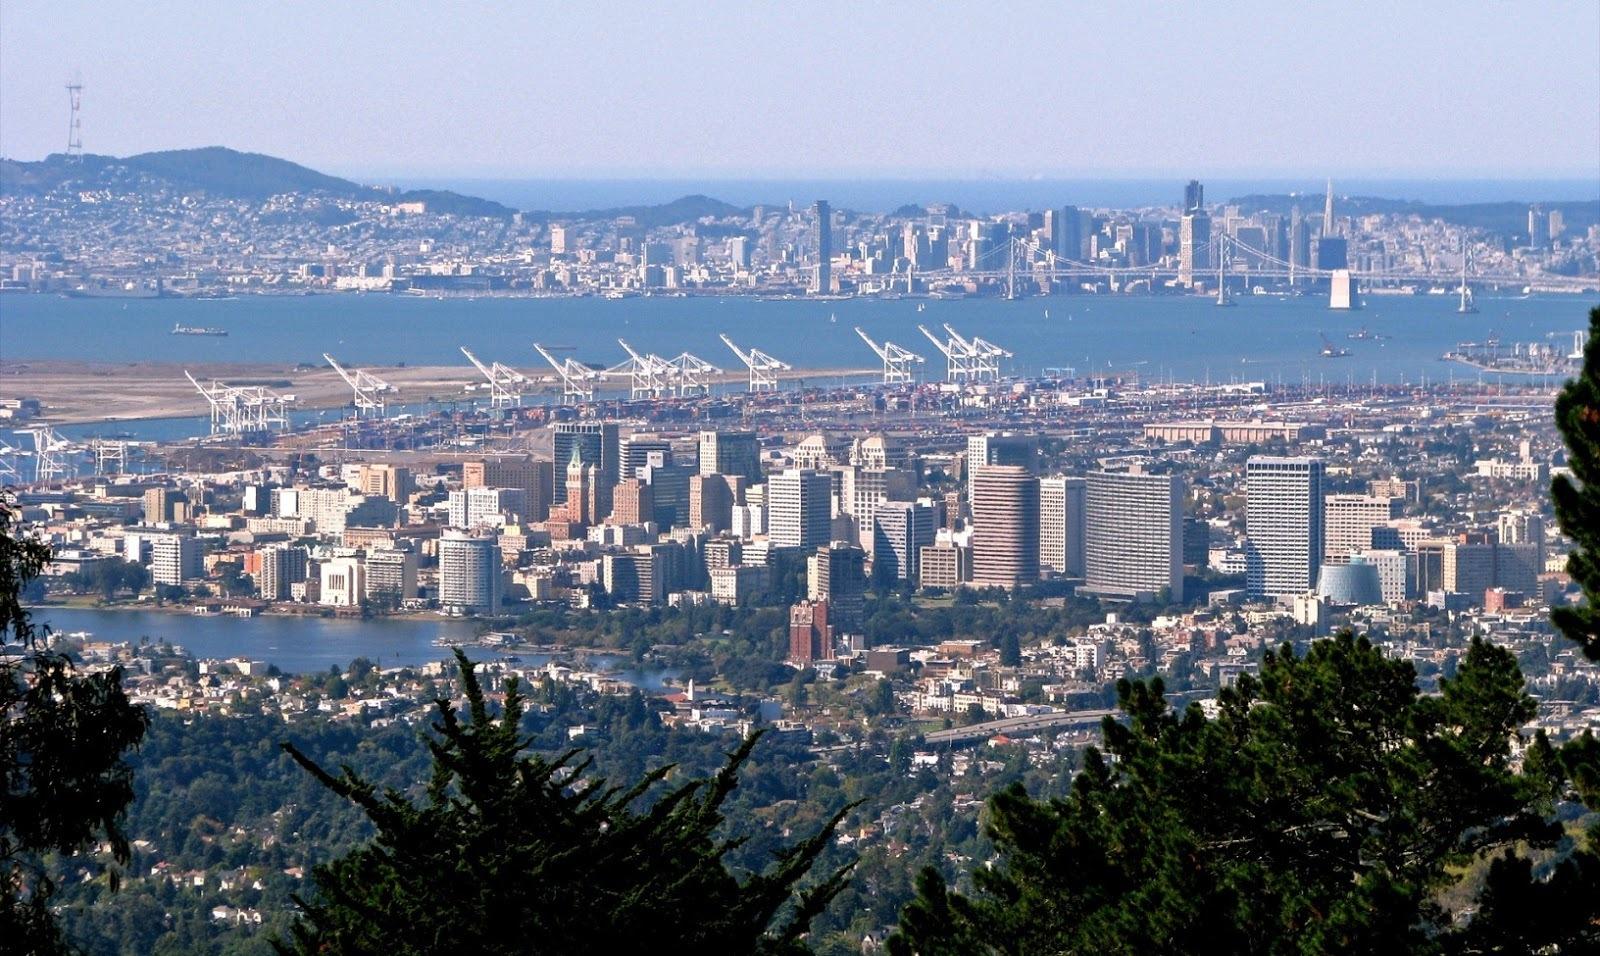 Определён первый город США для эксперимента с выплатой безусловного основного дохода - 2